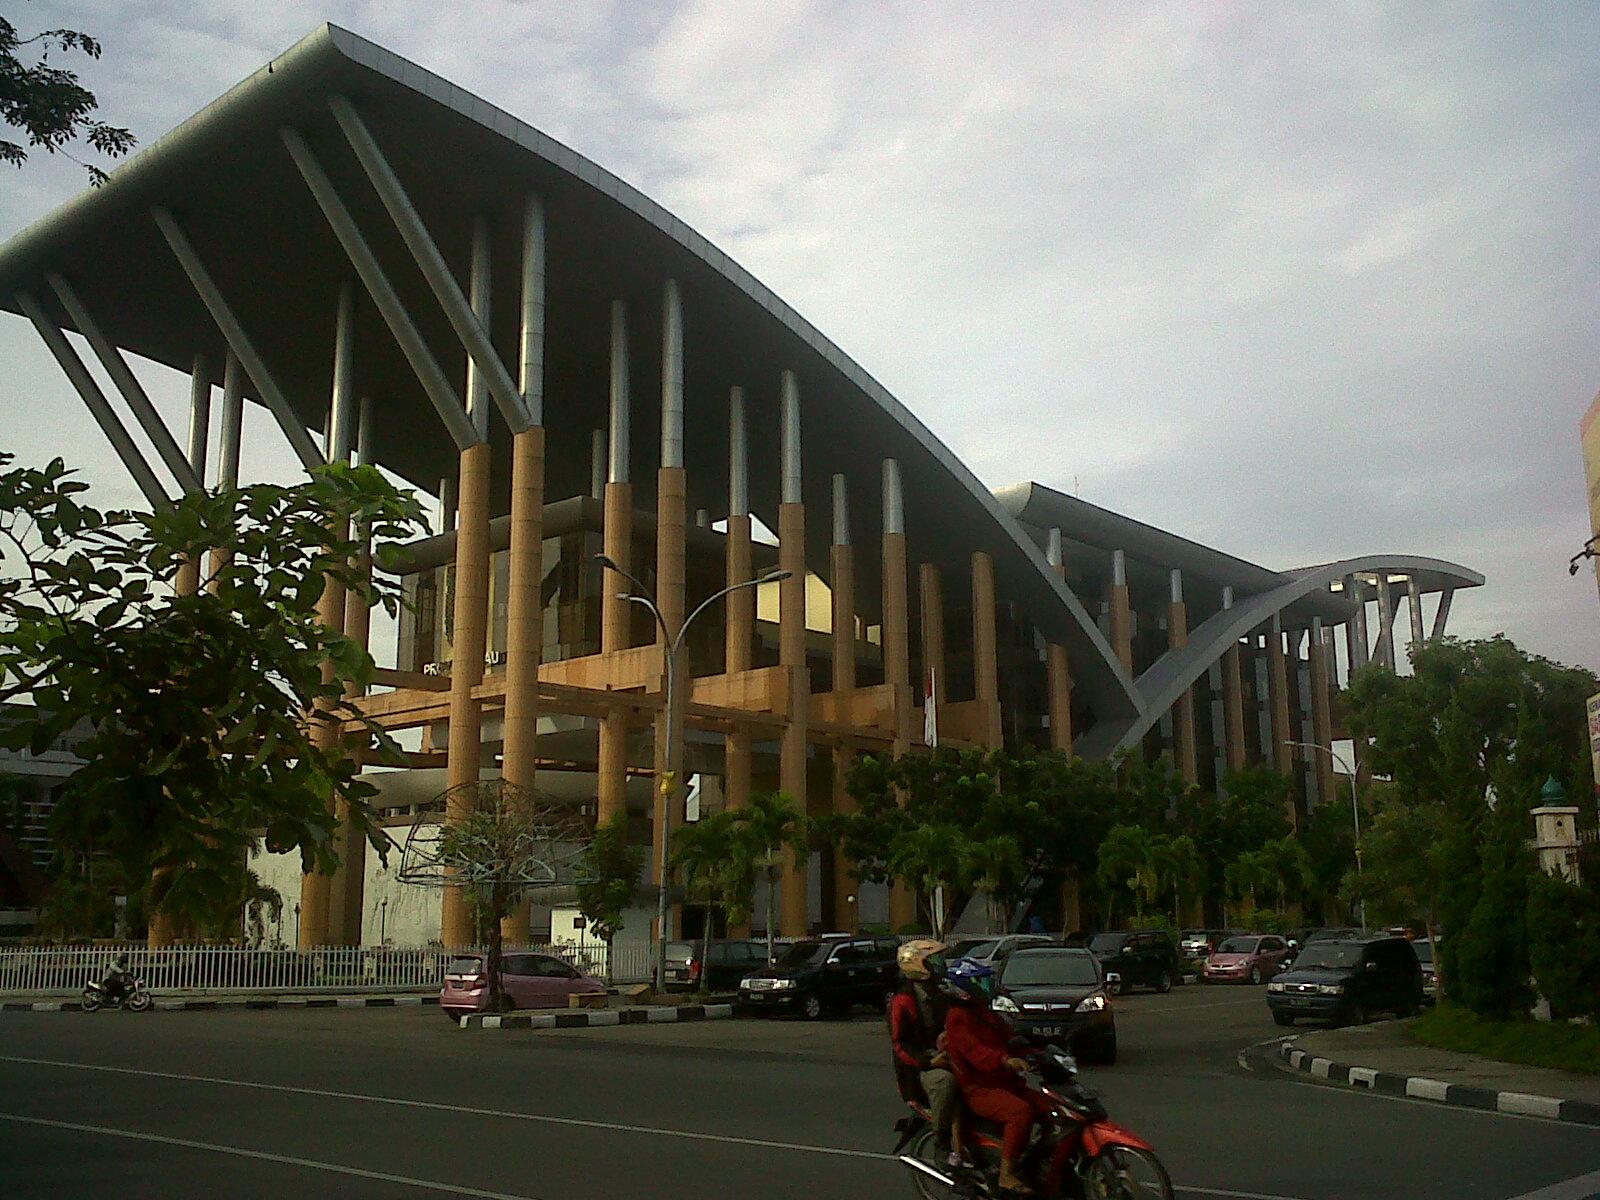 ... Jos turun dan melakukan hal yang biasa kulakukan jika sedang  berjalan-jalan  mencari bangunan unik dan menikmati keindahan arsitektur  kota di Pekanbaru. 182fbc0e86